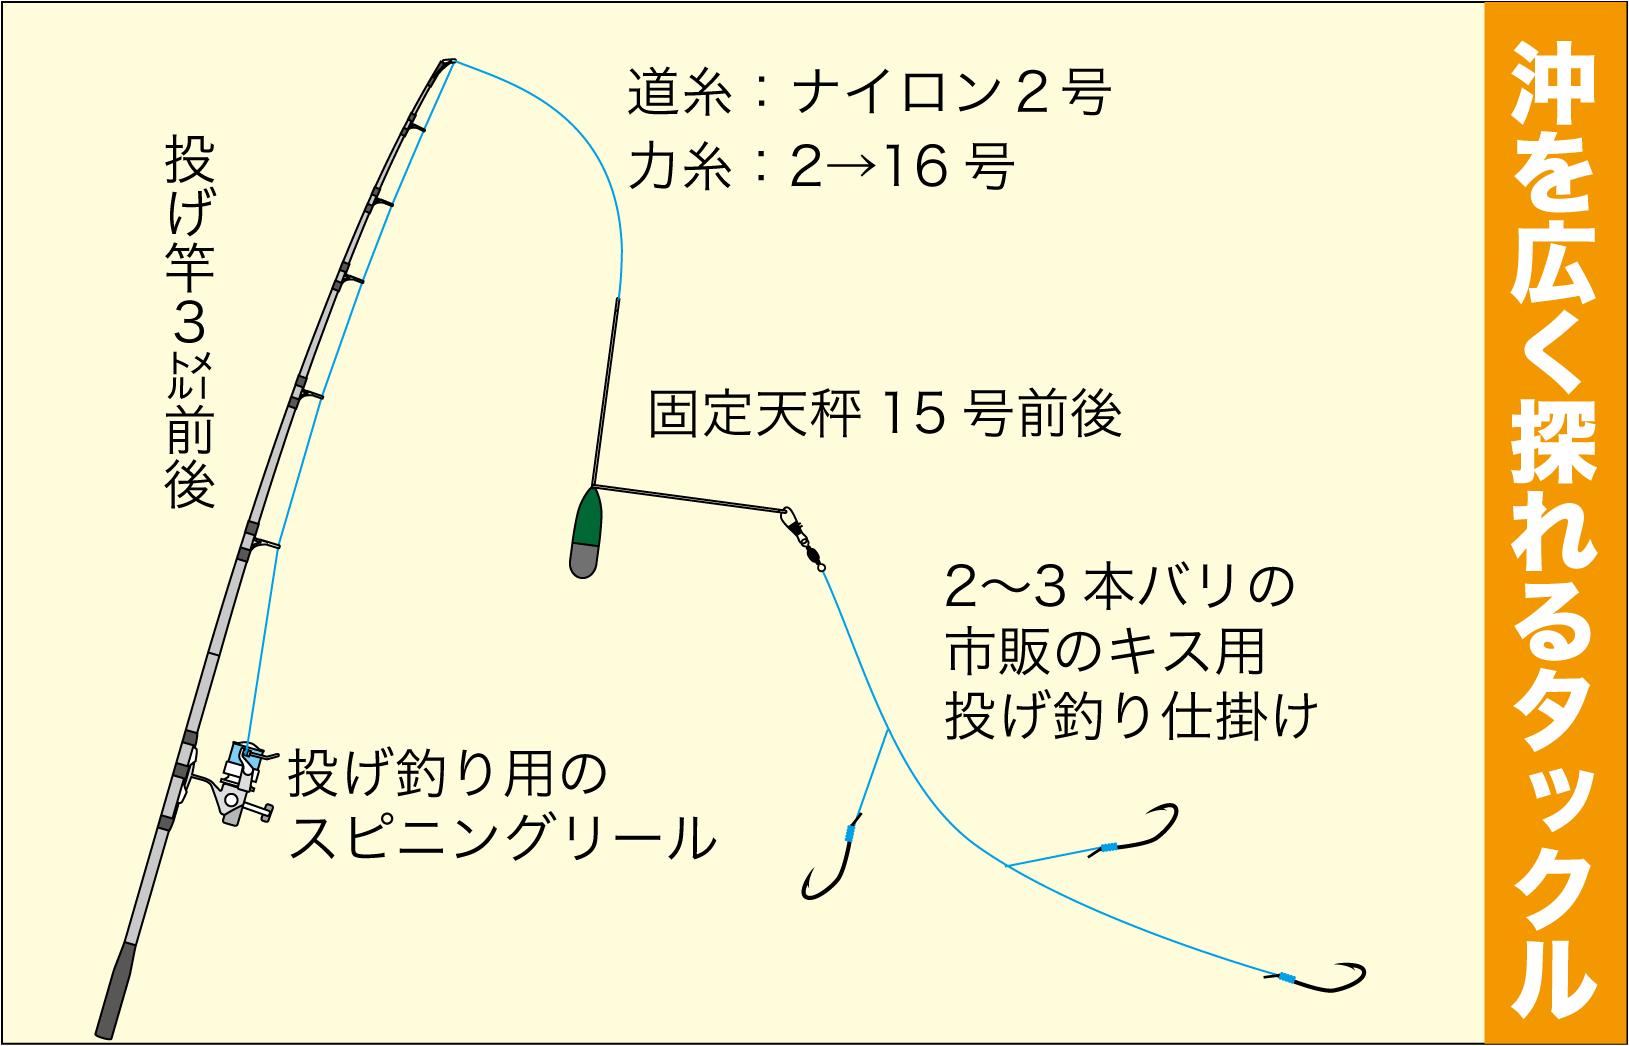 日本海穴場 西三松12